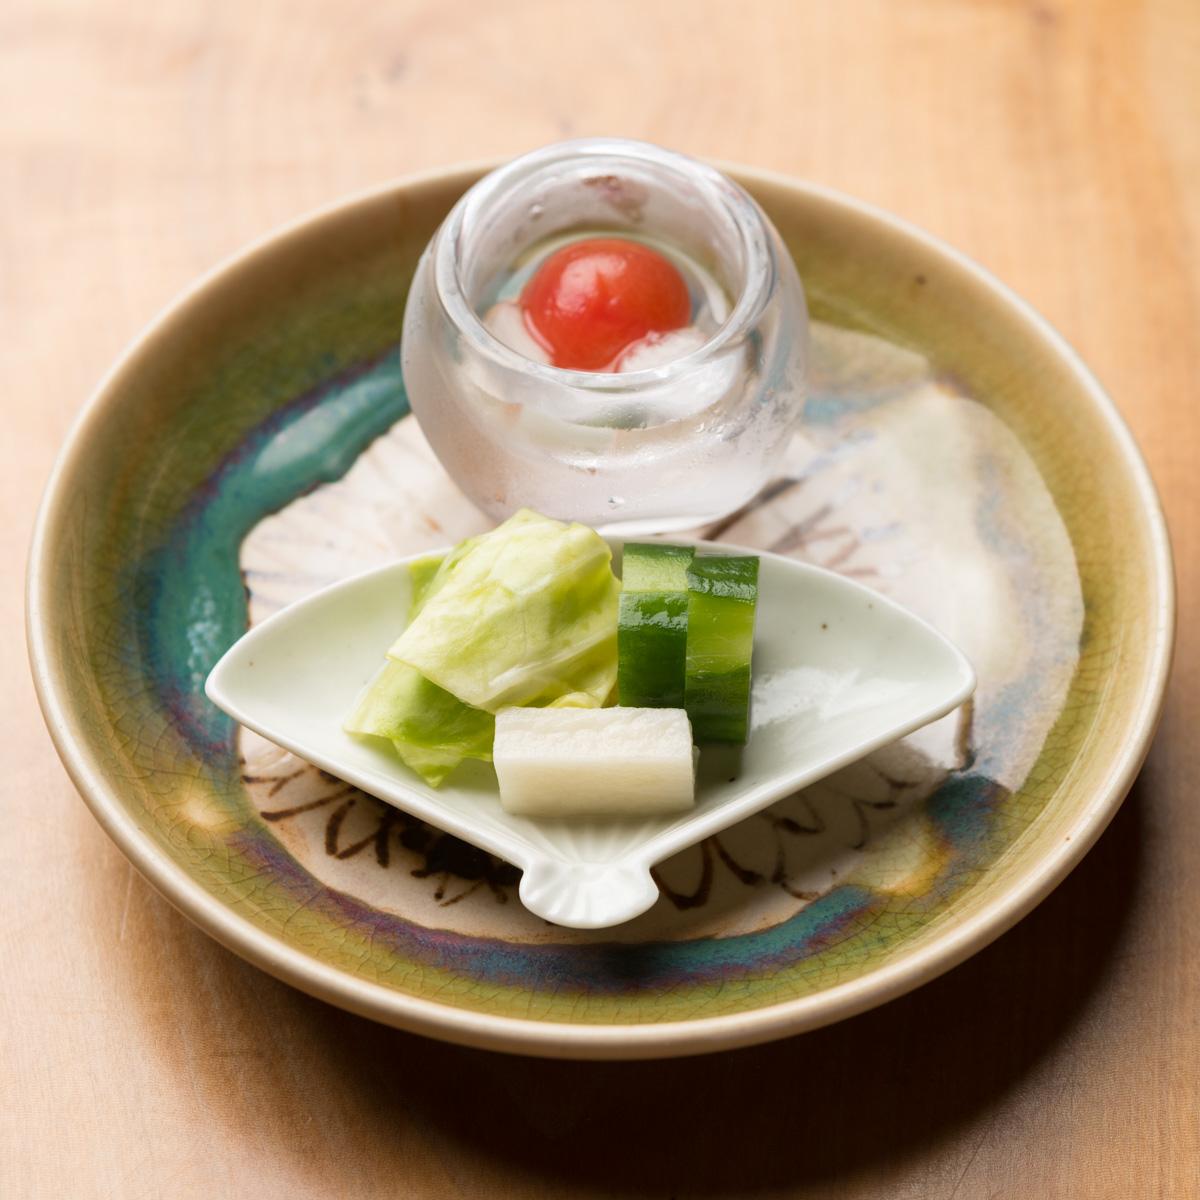 香の物 きゅうりのぬか漬け、春キャベツの浅漬け、ミニトマトと新玉ねぎの甘酢漬け、長芋の山葵漬け